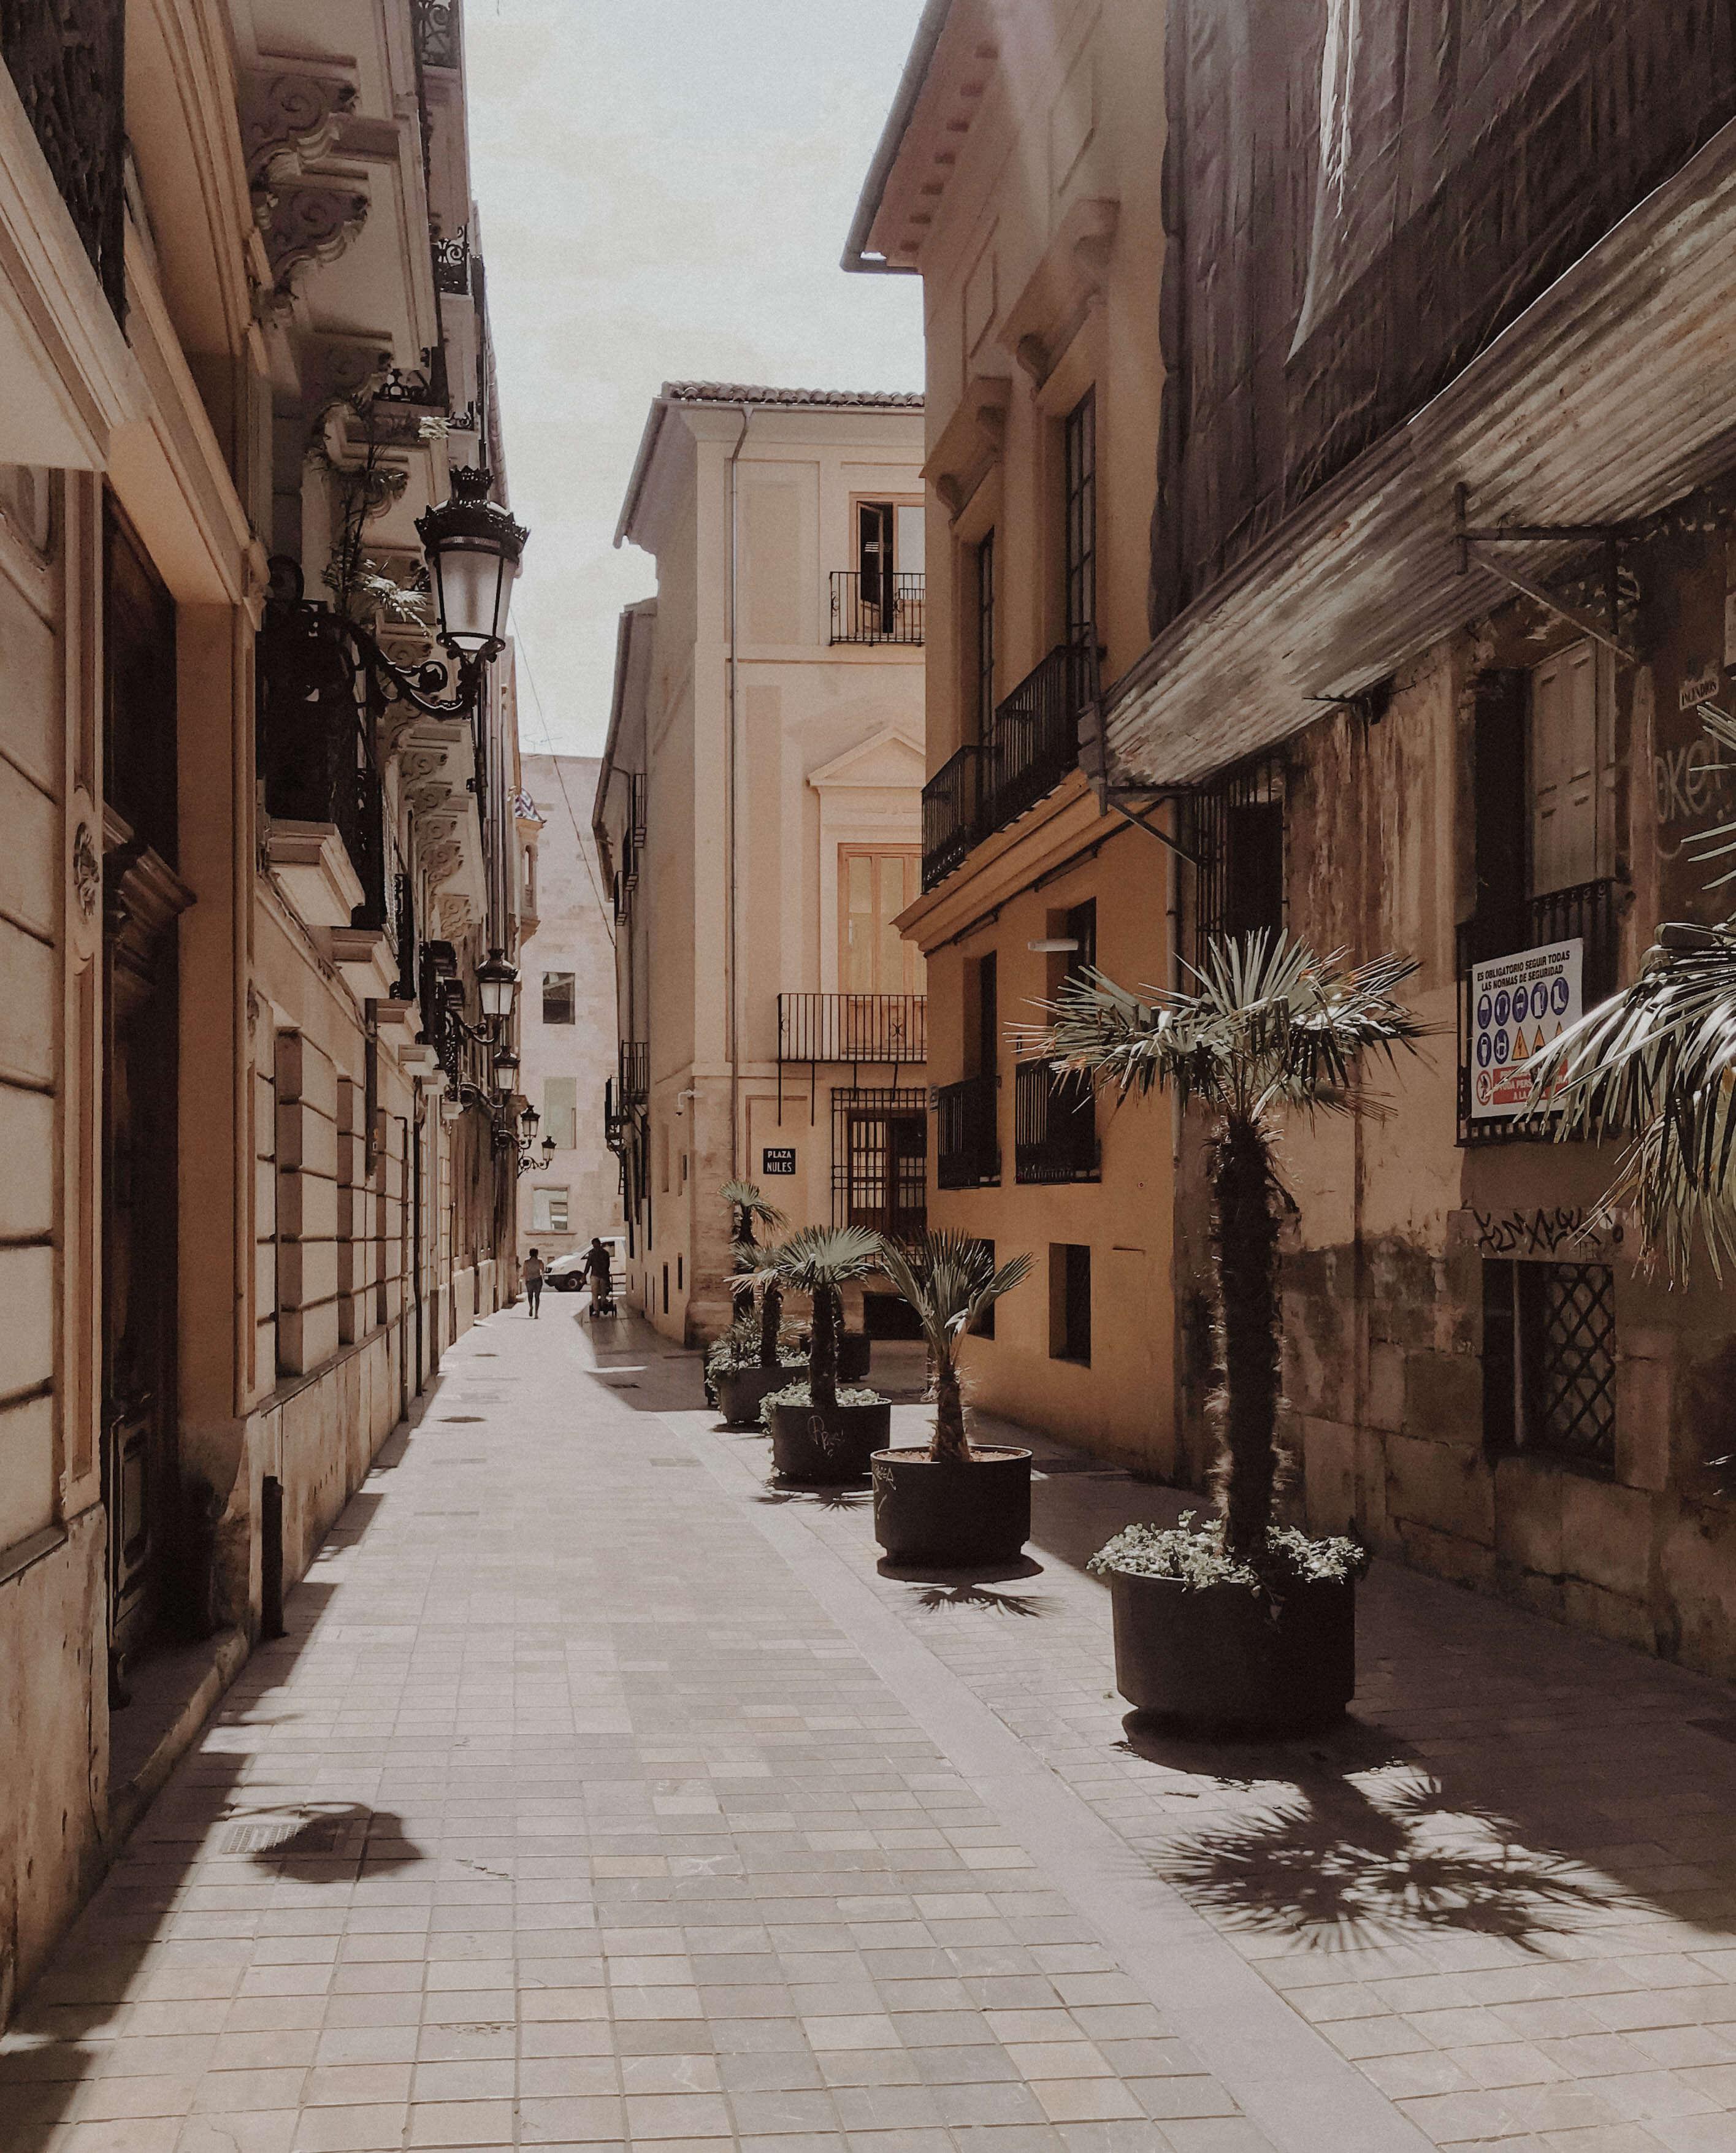 stedentrip in september